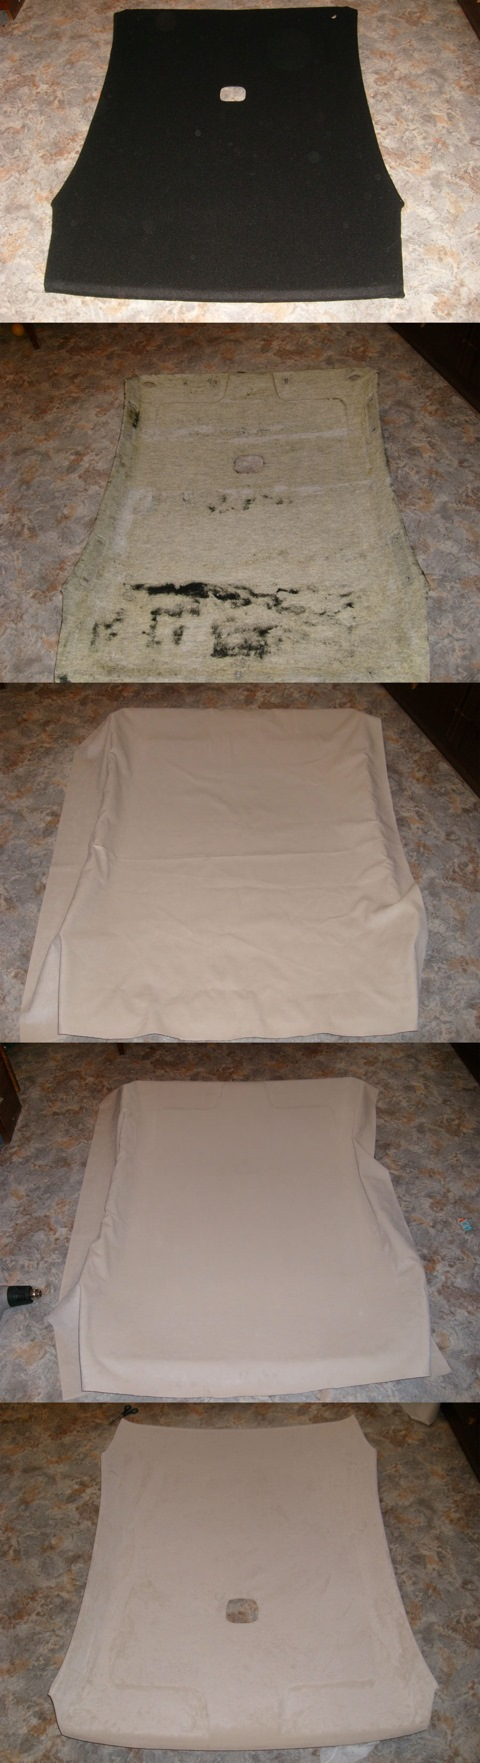 Перетяжка потолка тонкими материалами (на примере вельвета)